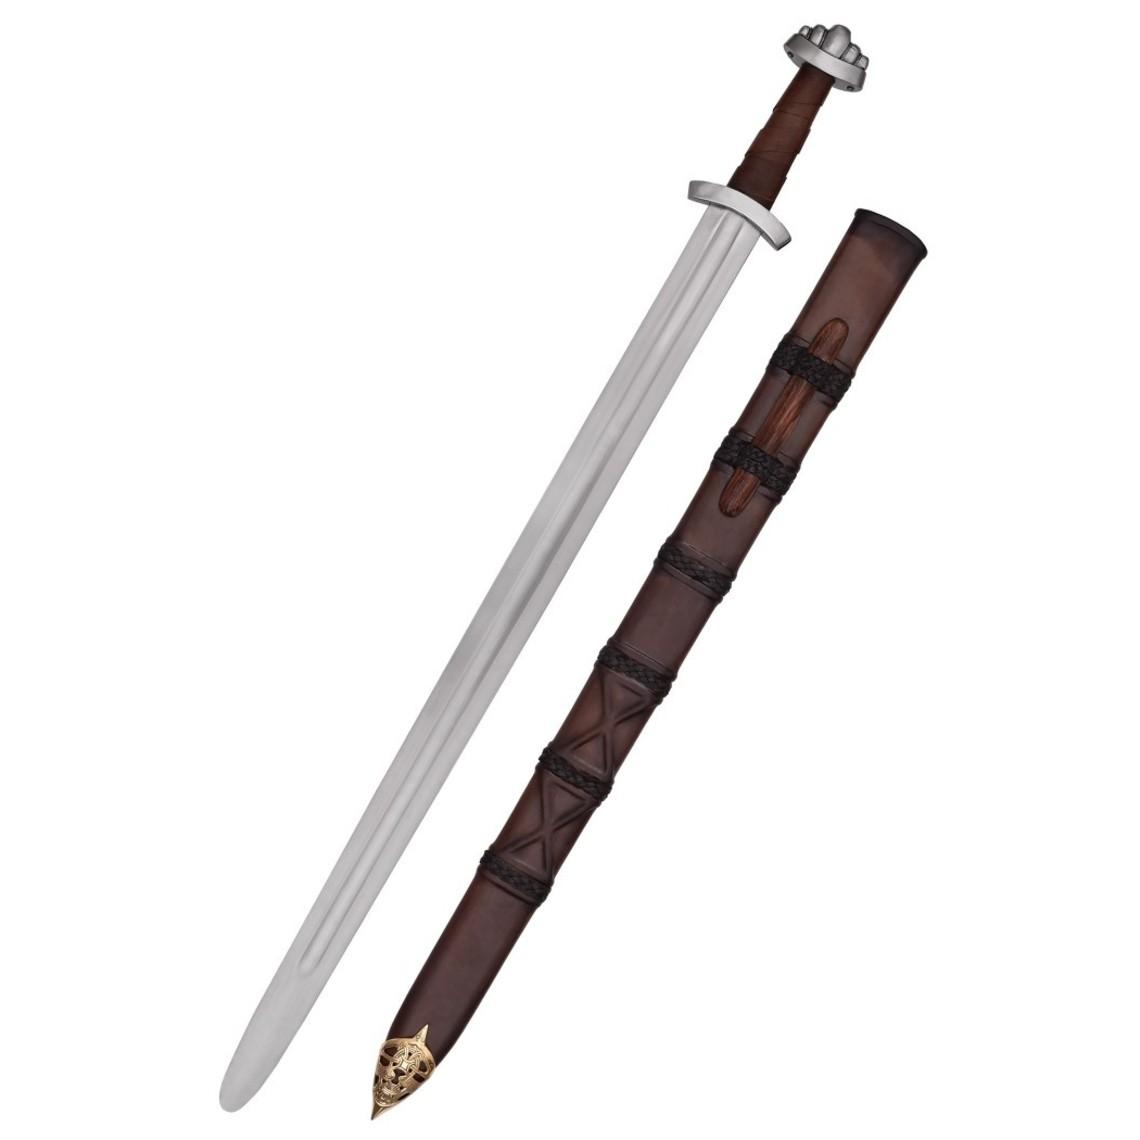 Deepeeka Wikingerschwert aus dem 10. Jahrhundert